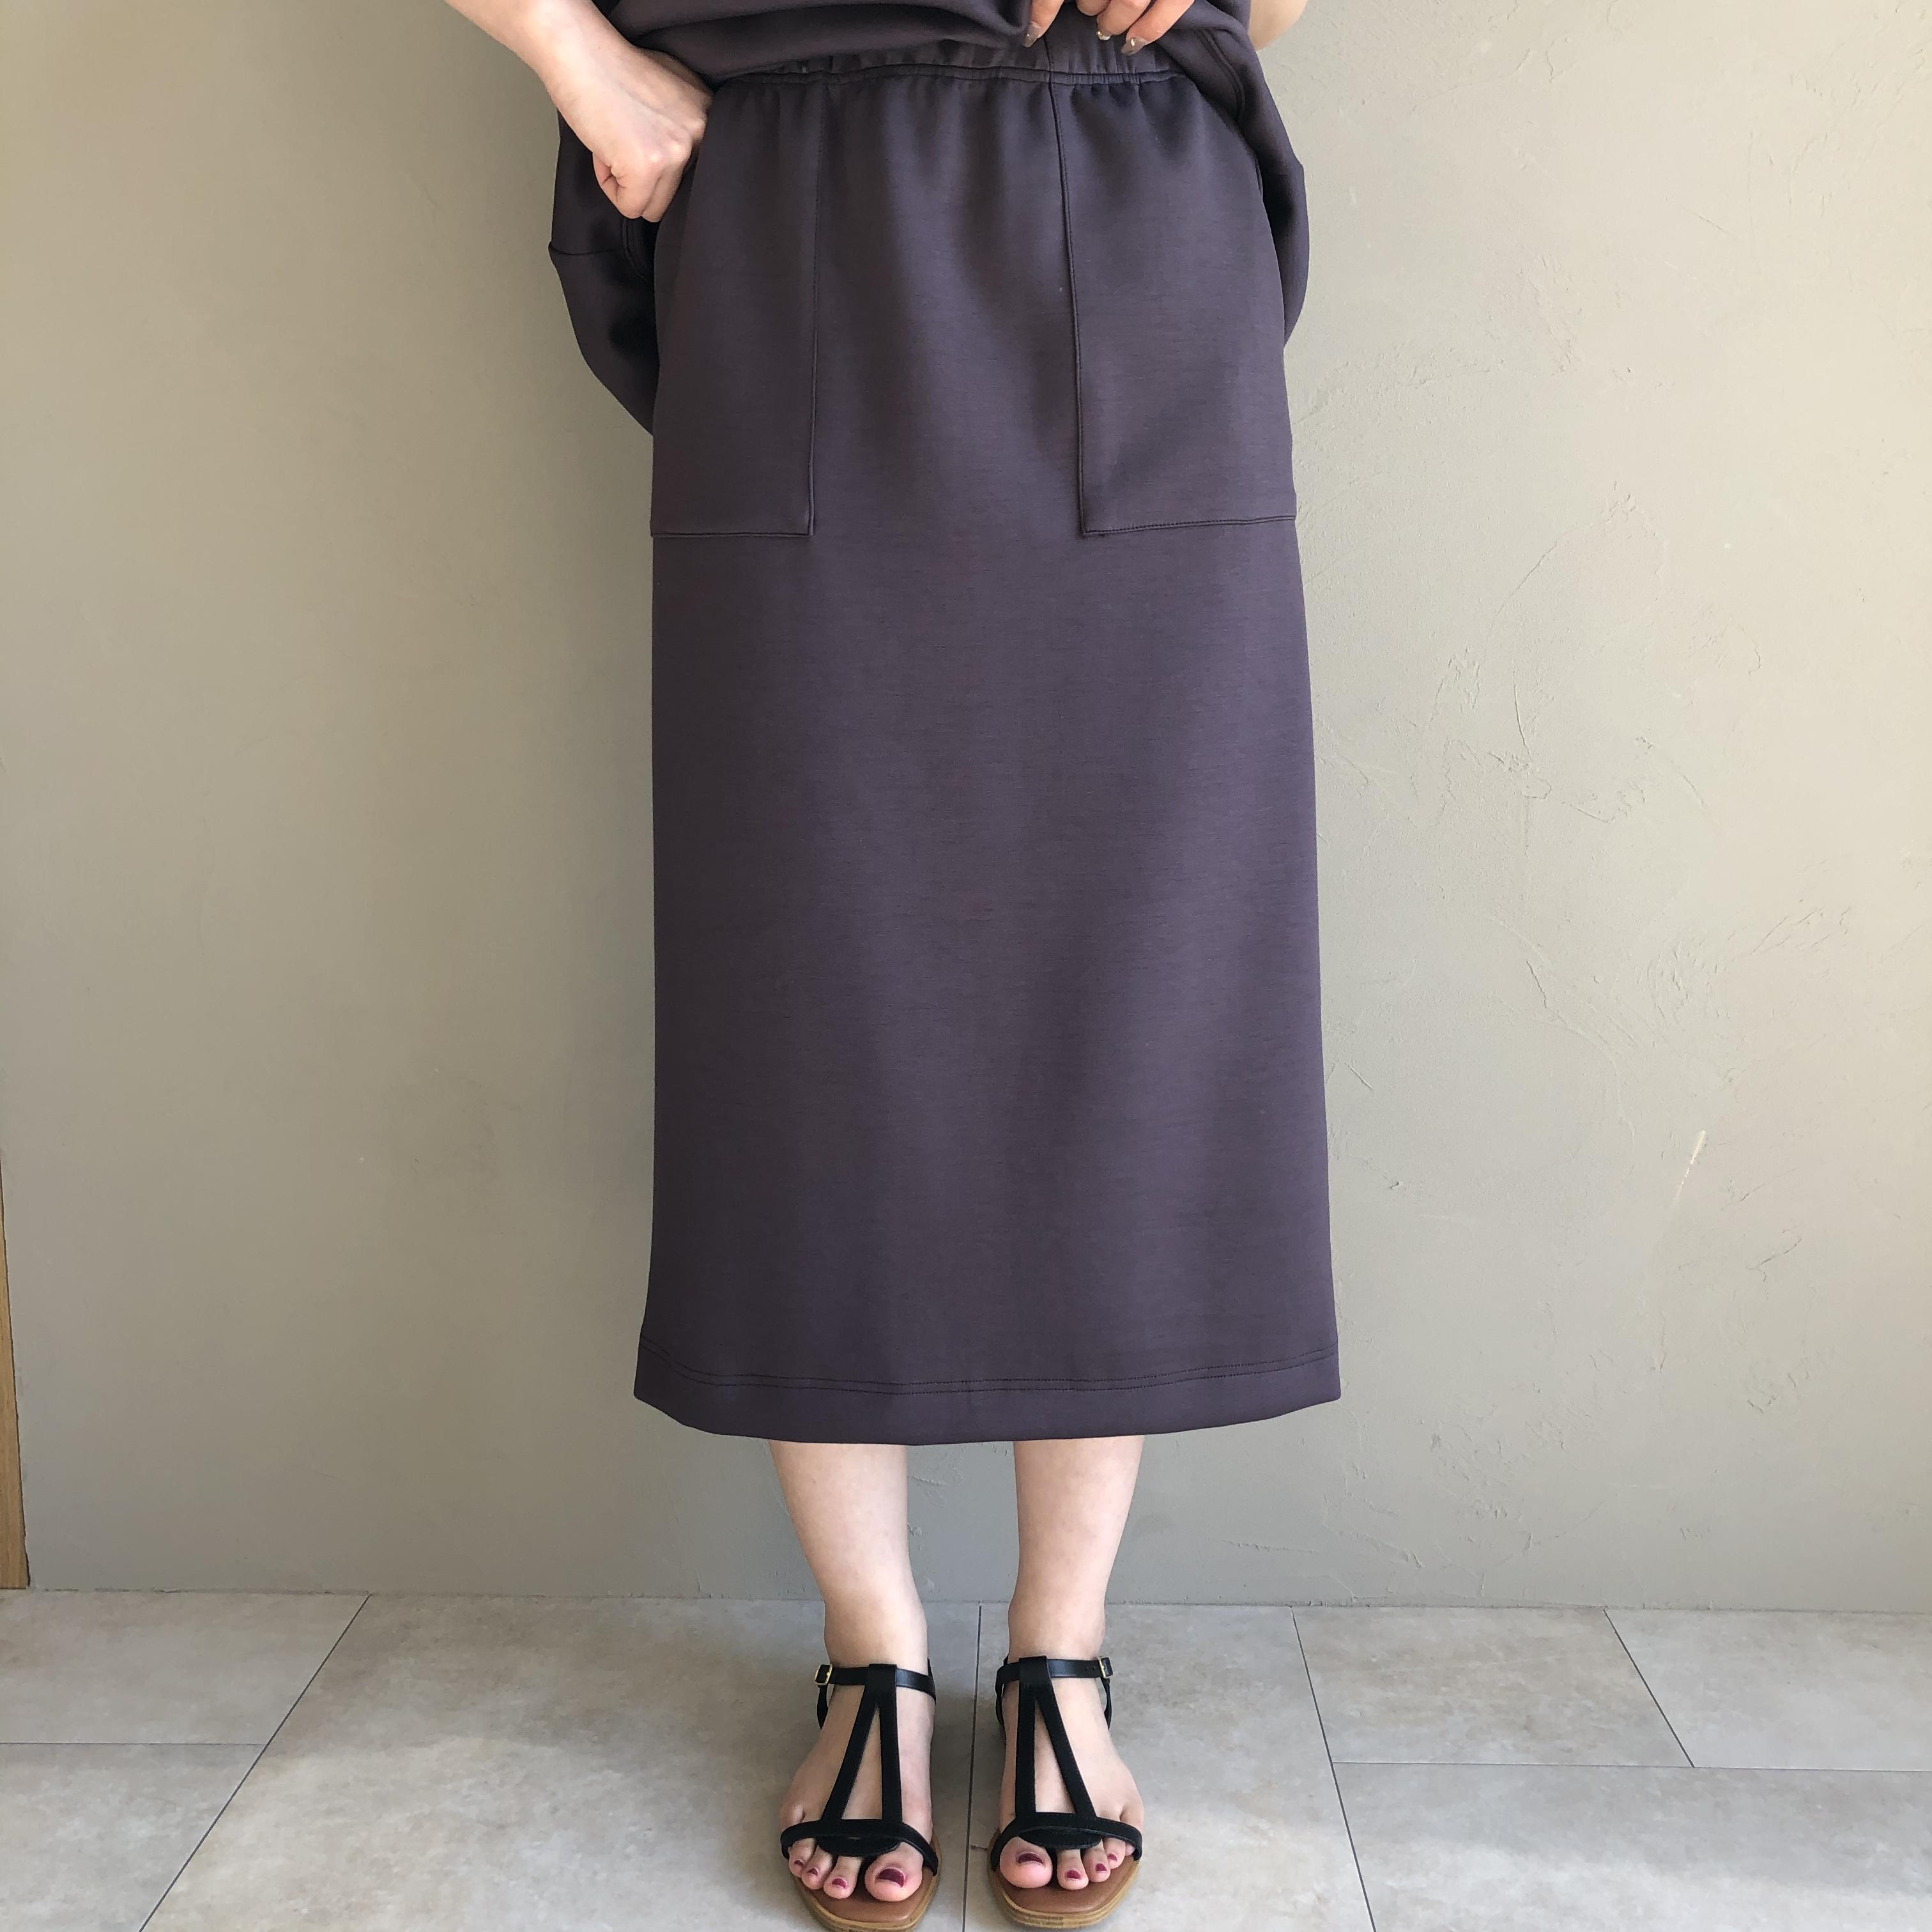 【 CHIGNON 】- 2111-267 - ライトダンボールミディ丈スカート